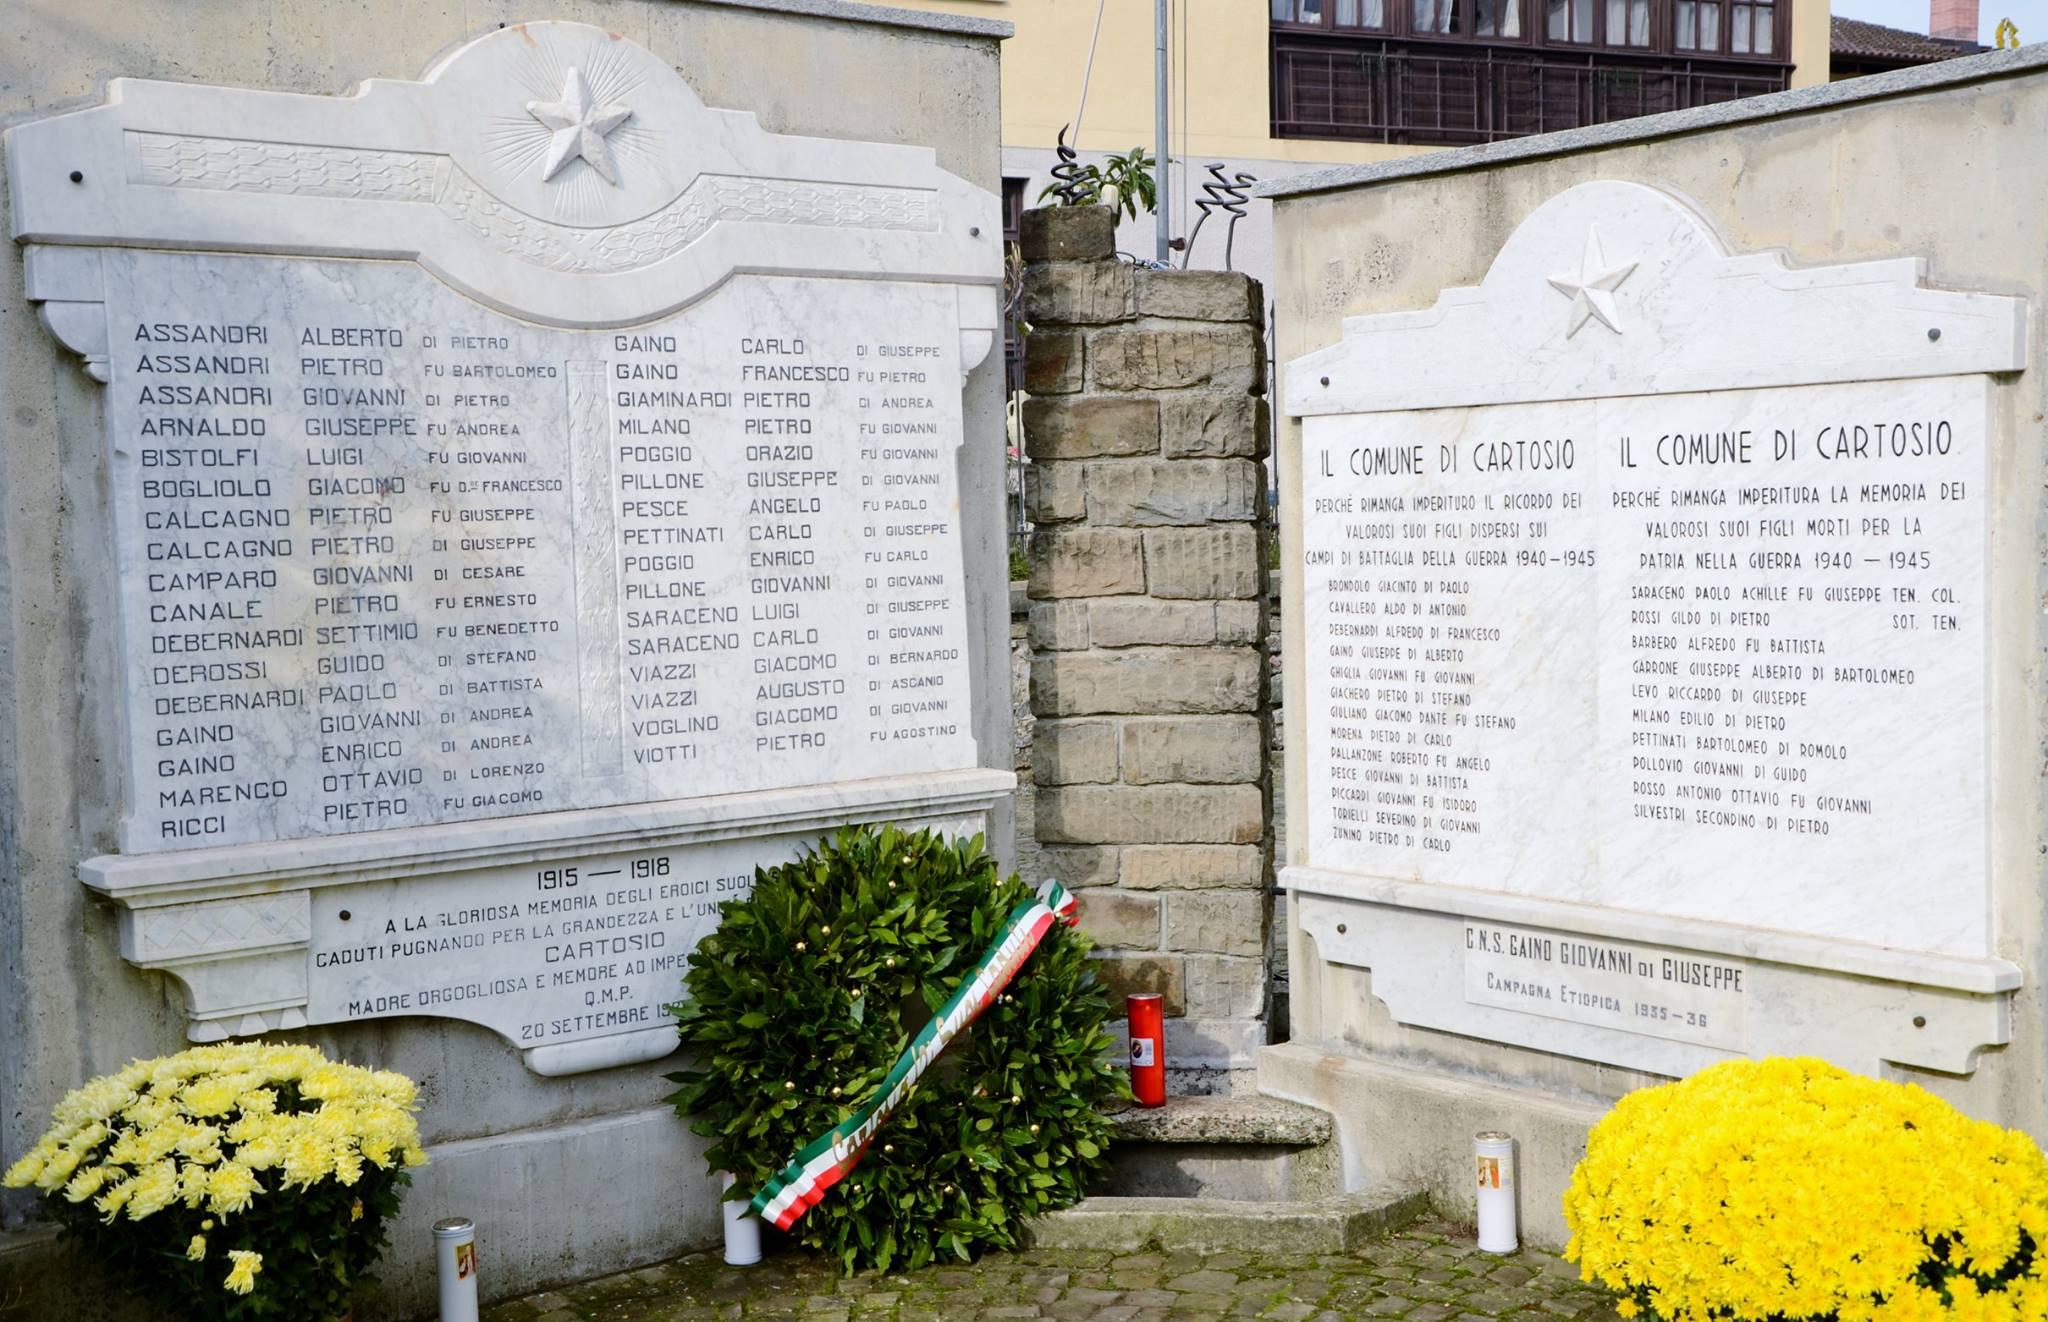 Monumenti ai caduti cartosio